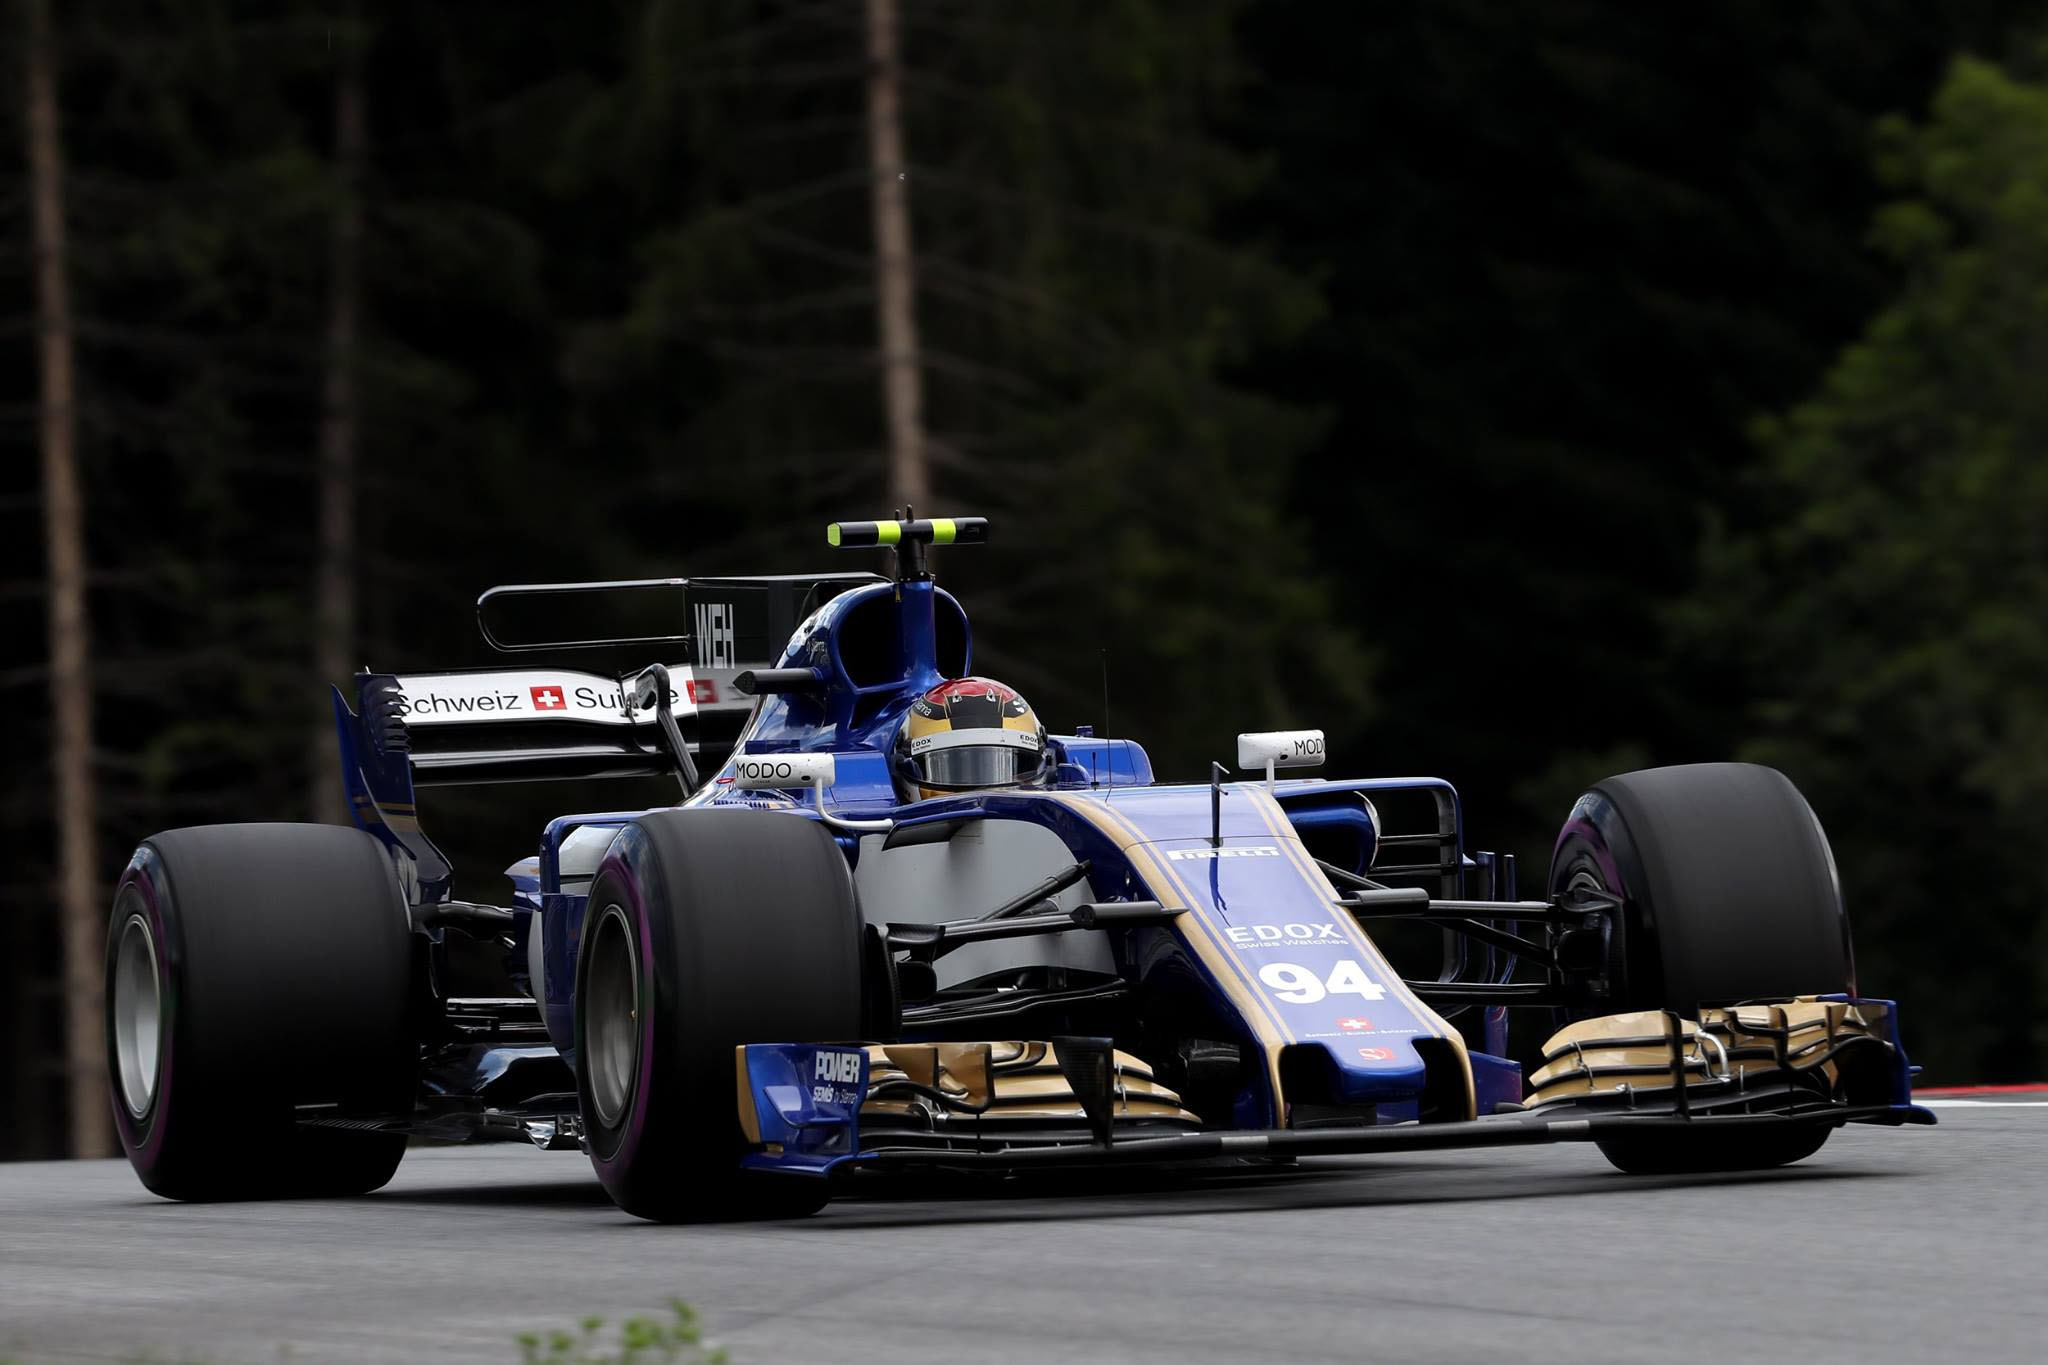 © Sauber F1 Team